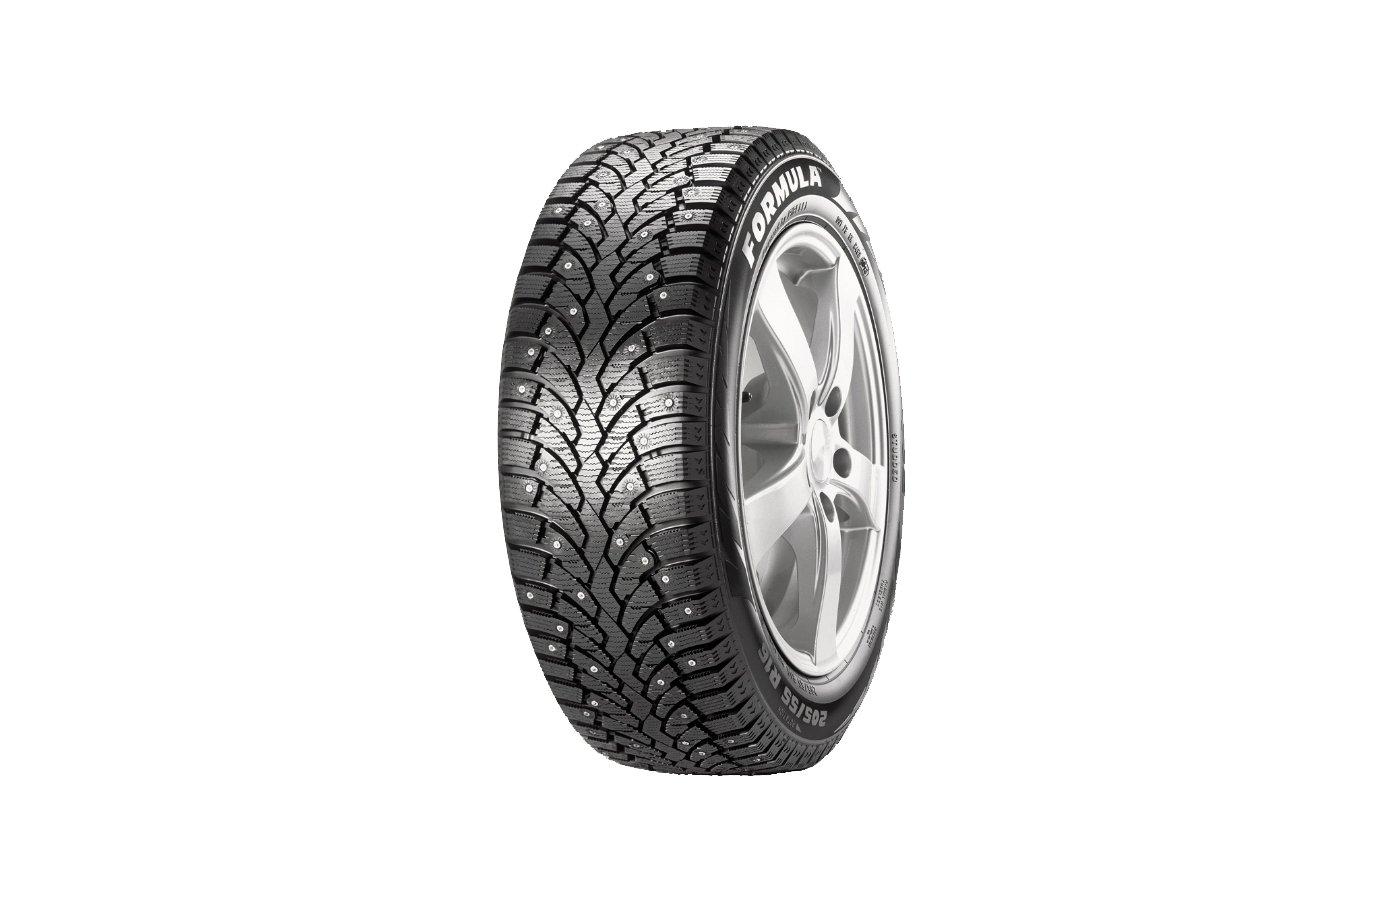 Шина Pirelli Formula Ice 215/60 R16 TL 99T XL шип